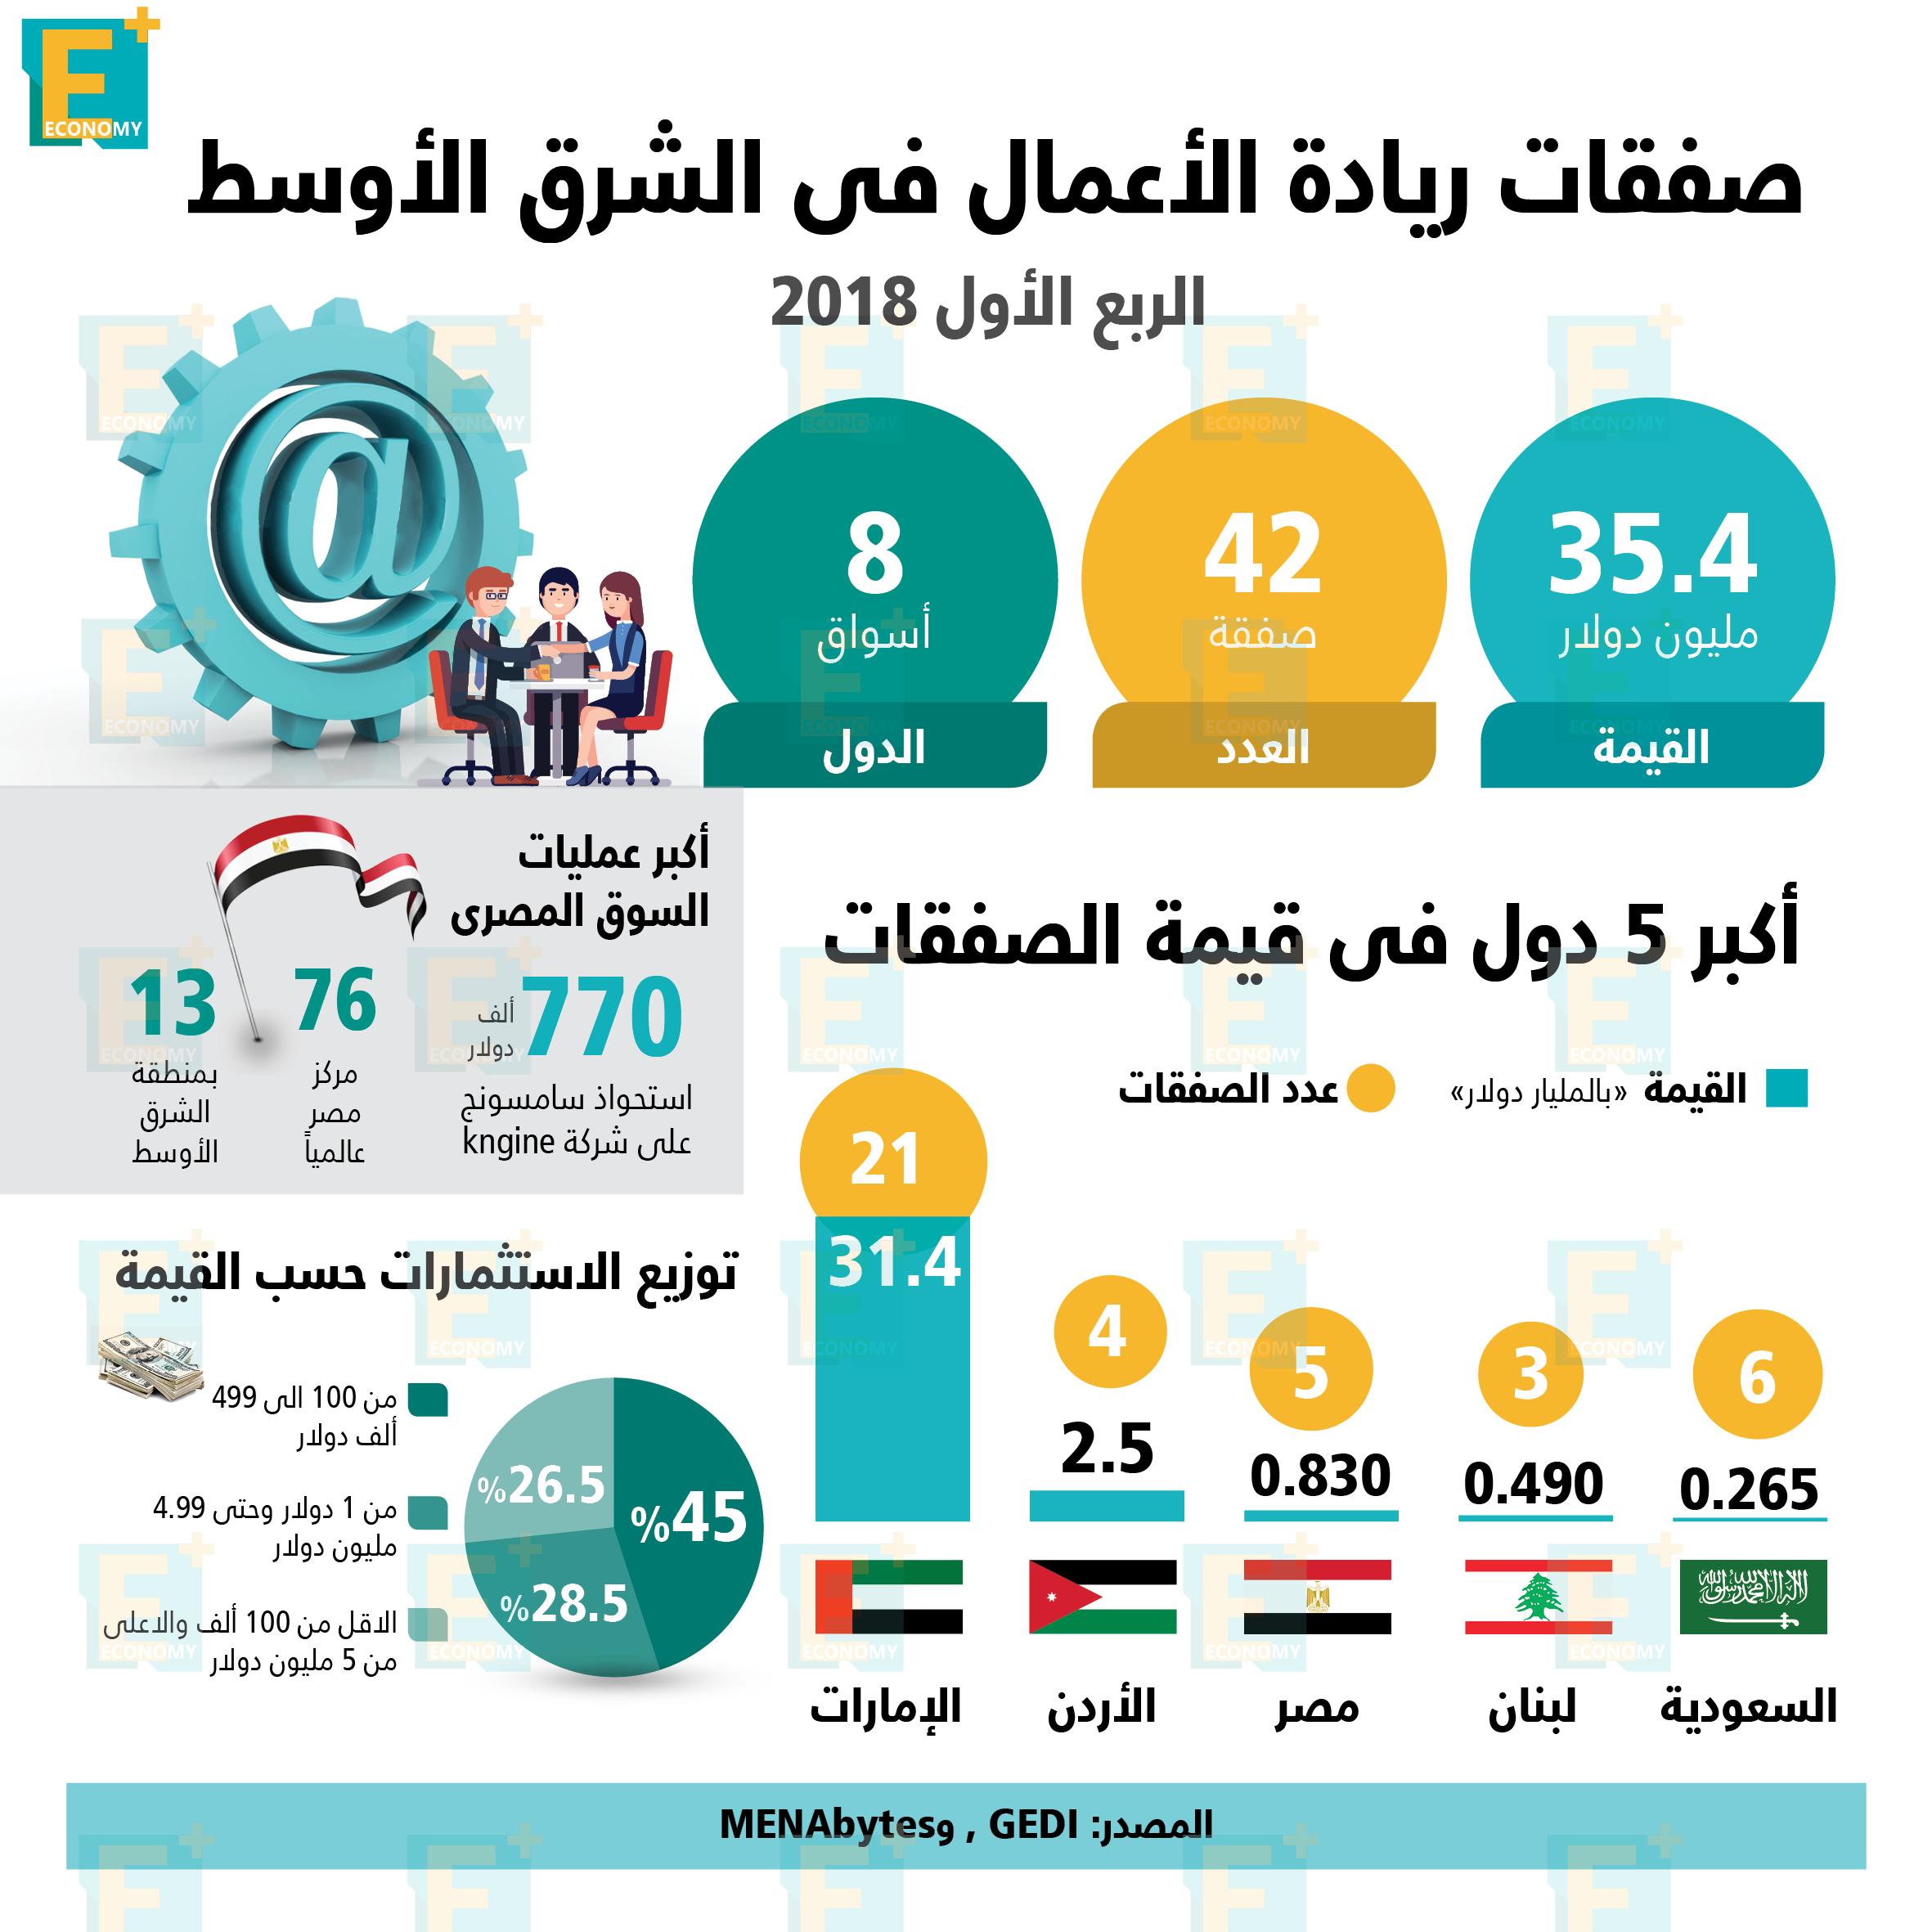 صفقات ريادة الأعمال في الشرق الأوسط